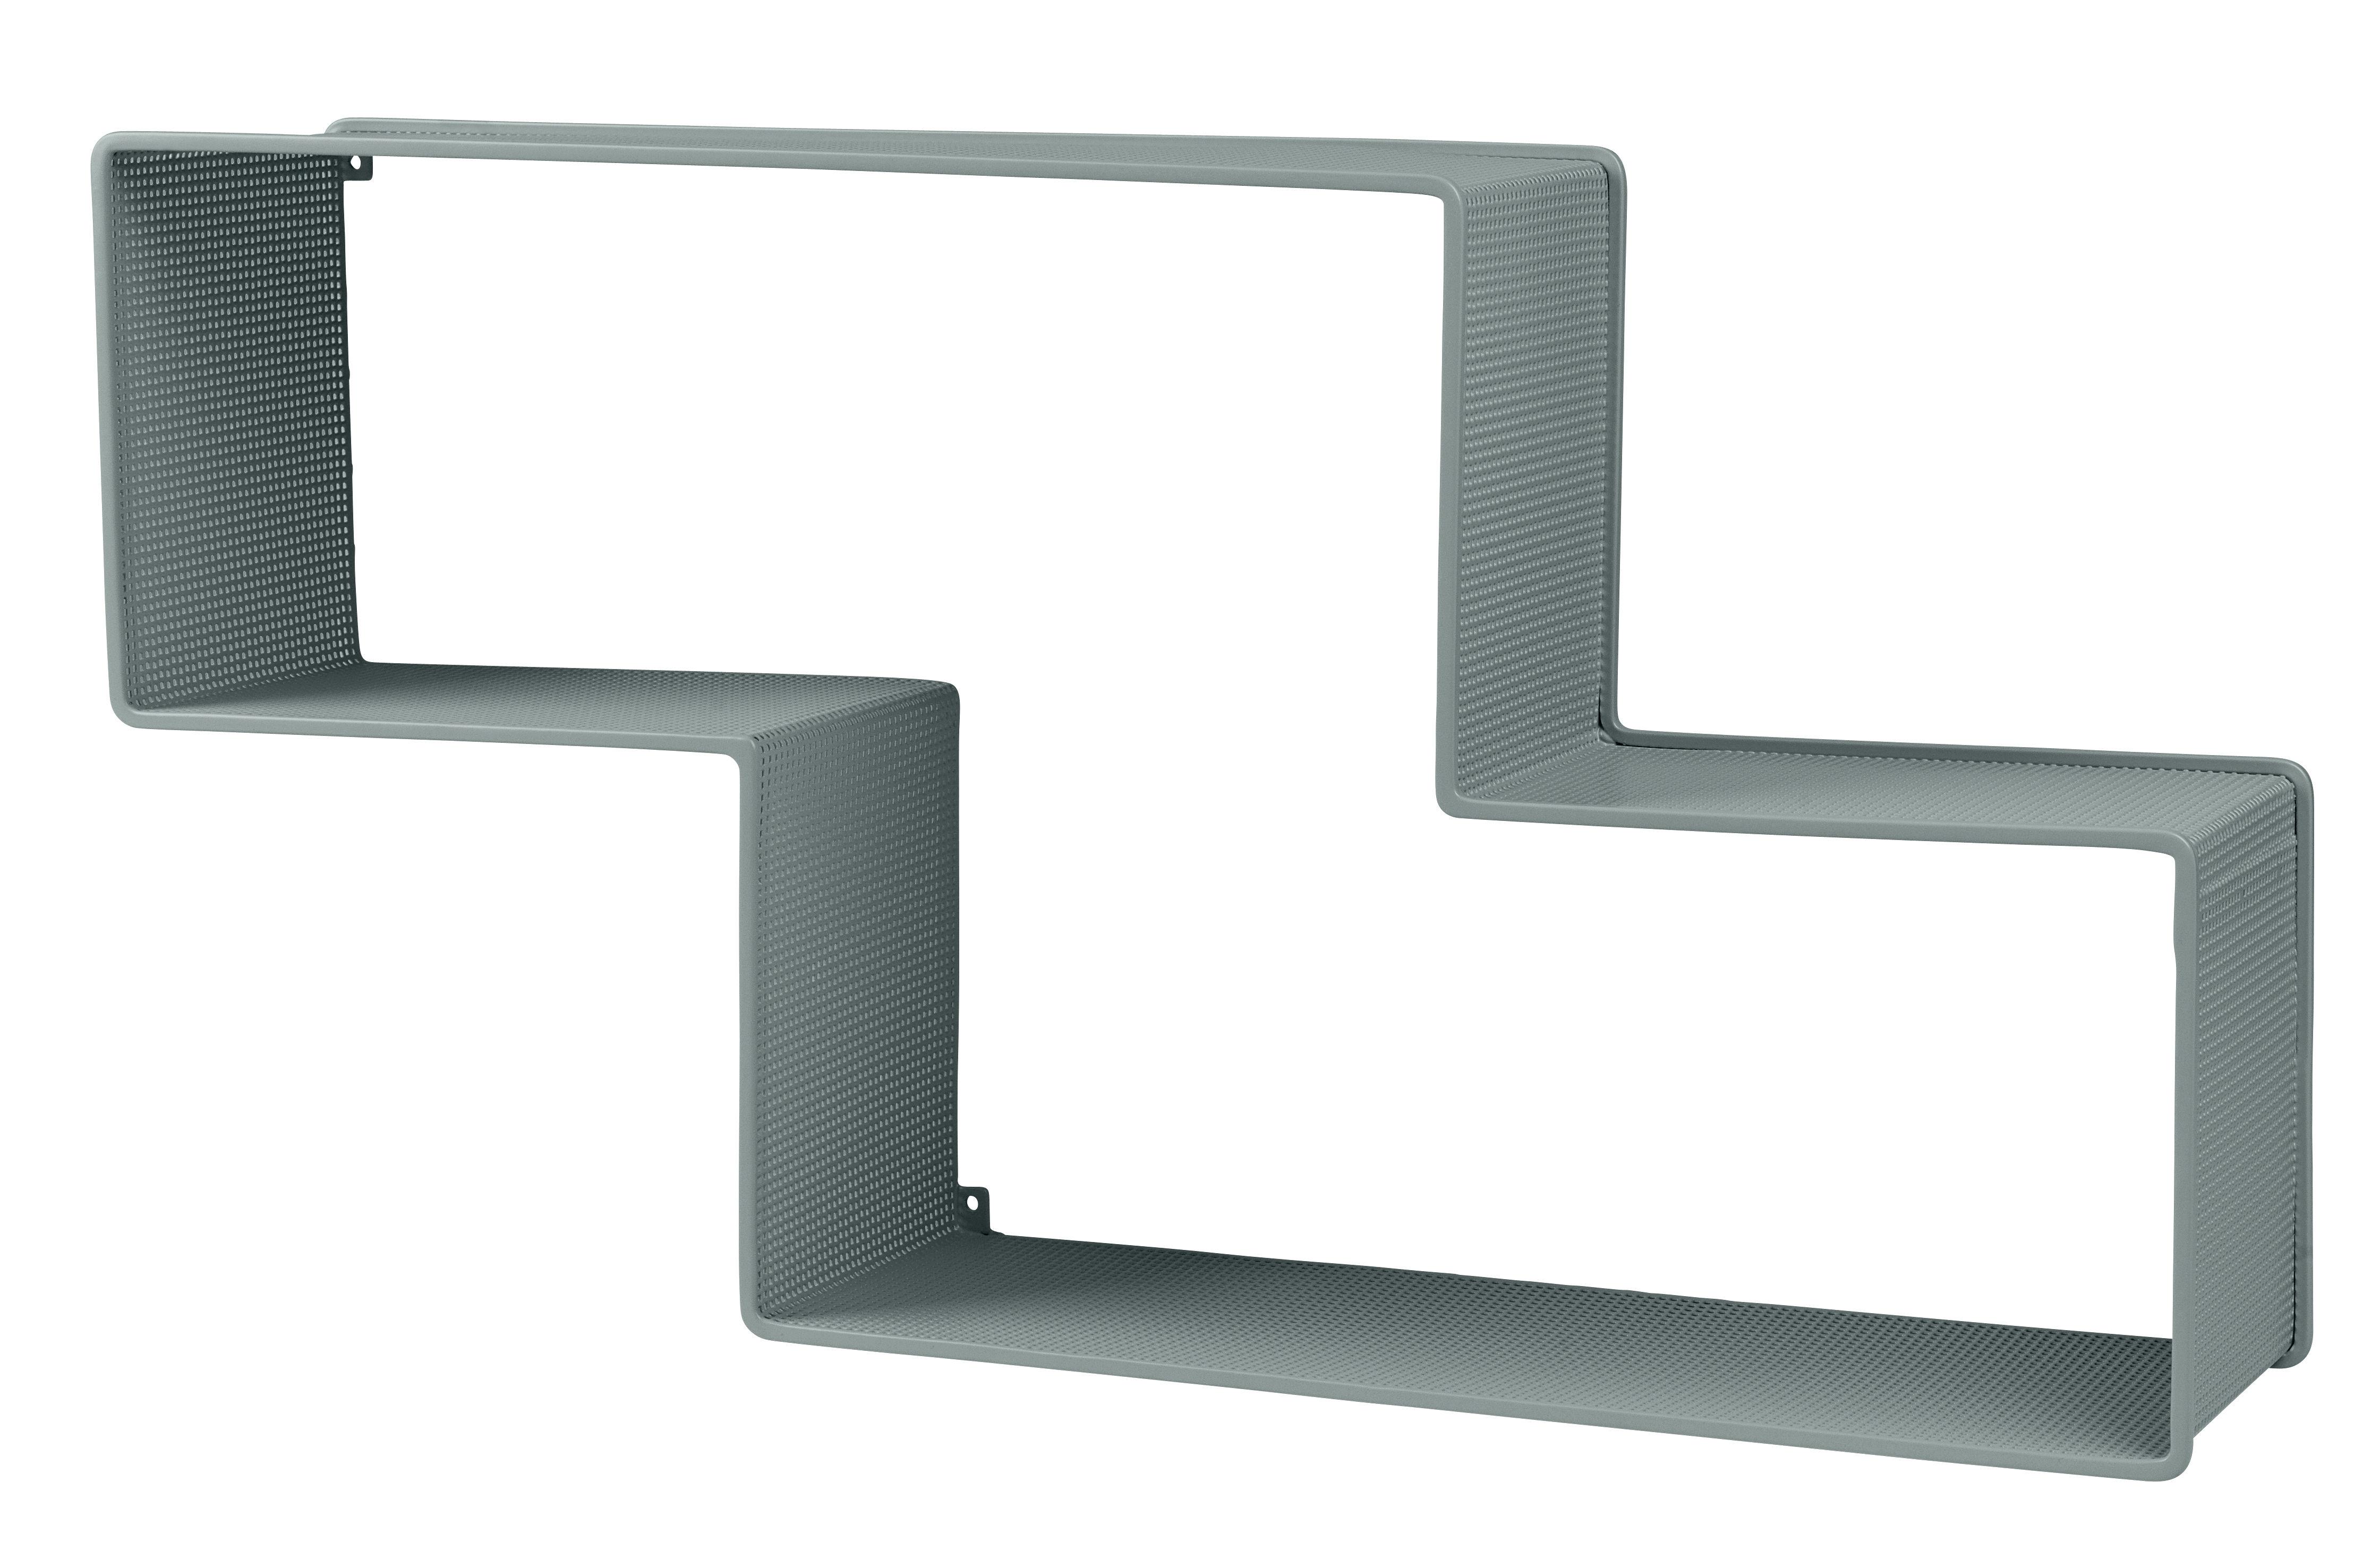 Mobilier - Etagères & bibliothèques - Etagère Dédal / Matégot - L 90 cm - Réédition 50' - Gubi - Gris Pluvieux - Tôle d'acier